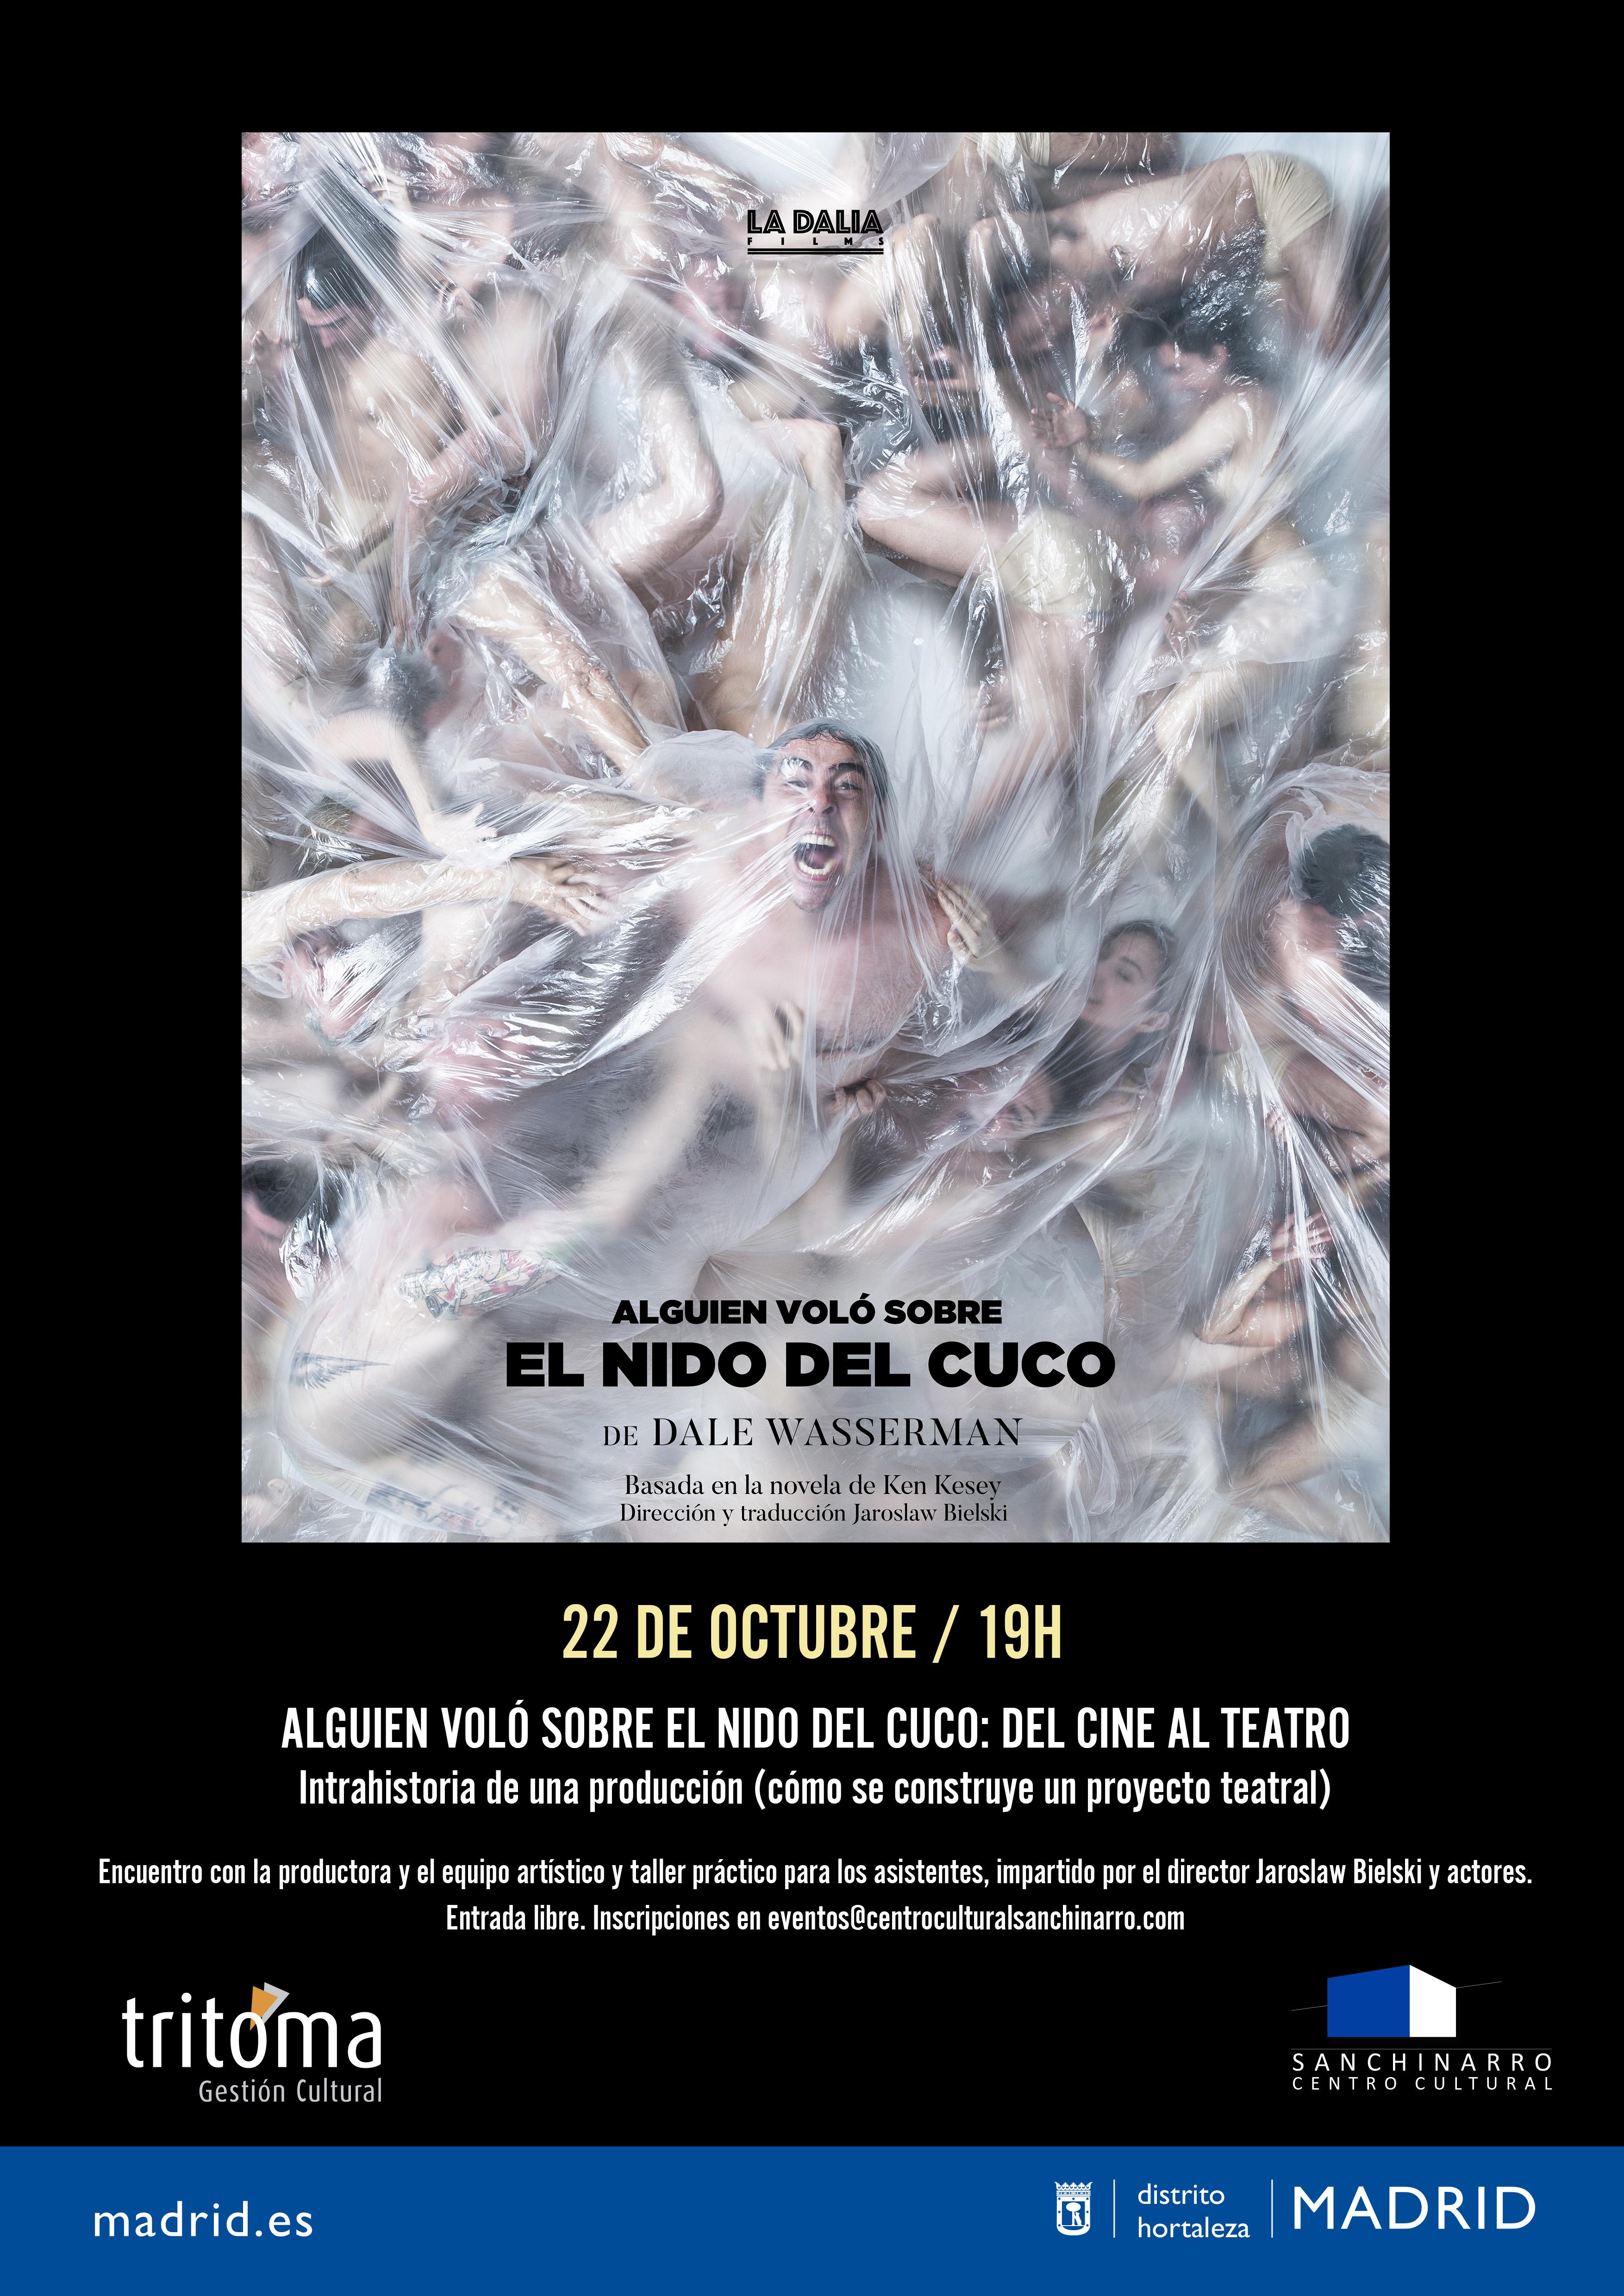 ALGUIEN VOLÓ SOBRE EL NIDO DEL CUCO: DEL CINE AL TEATRO